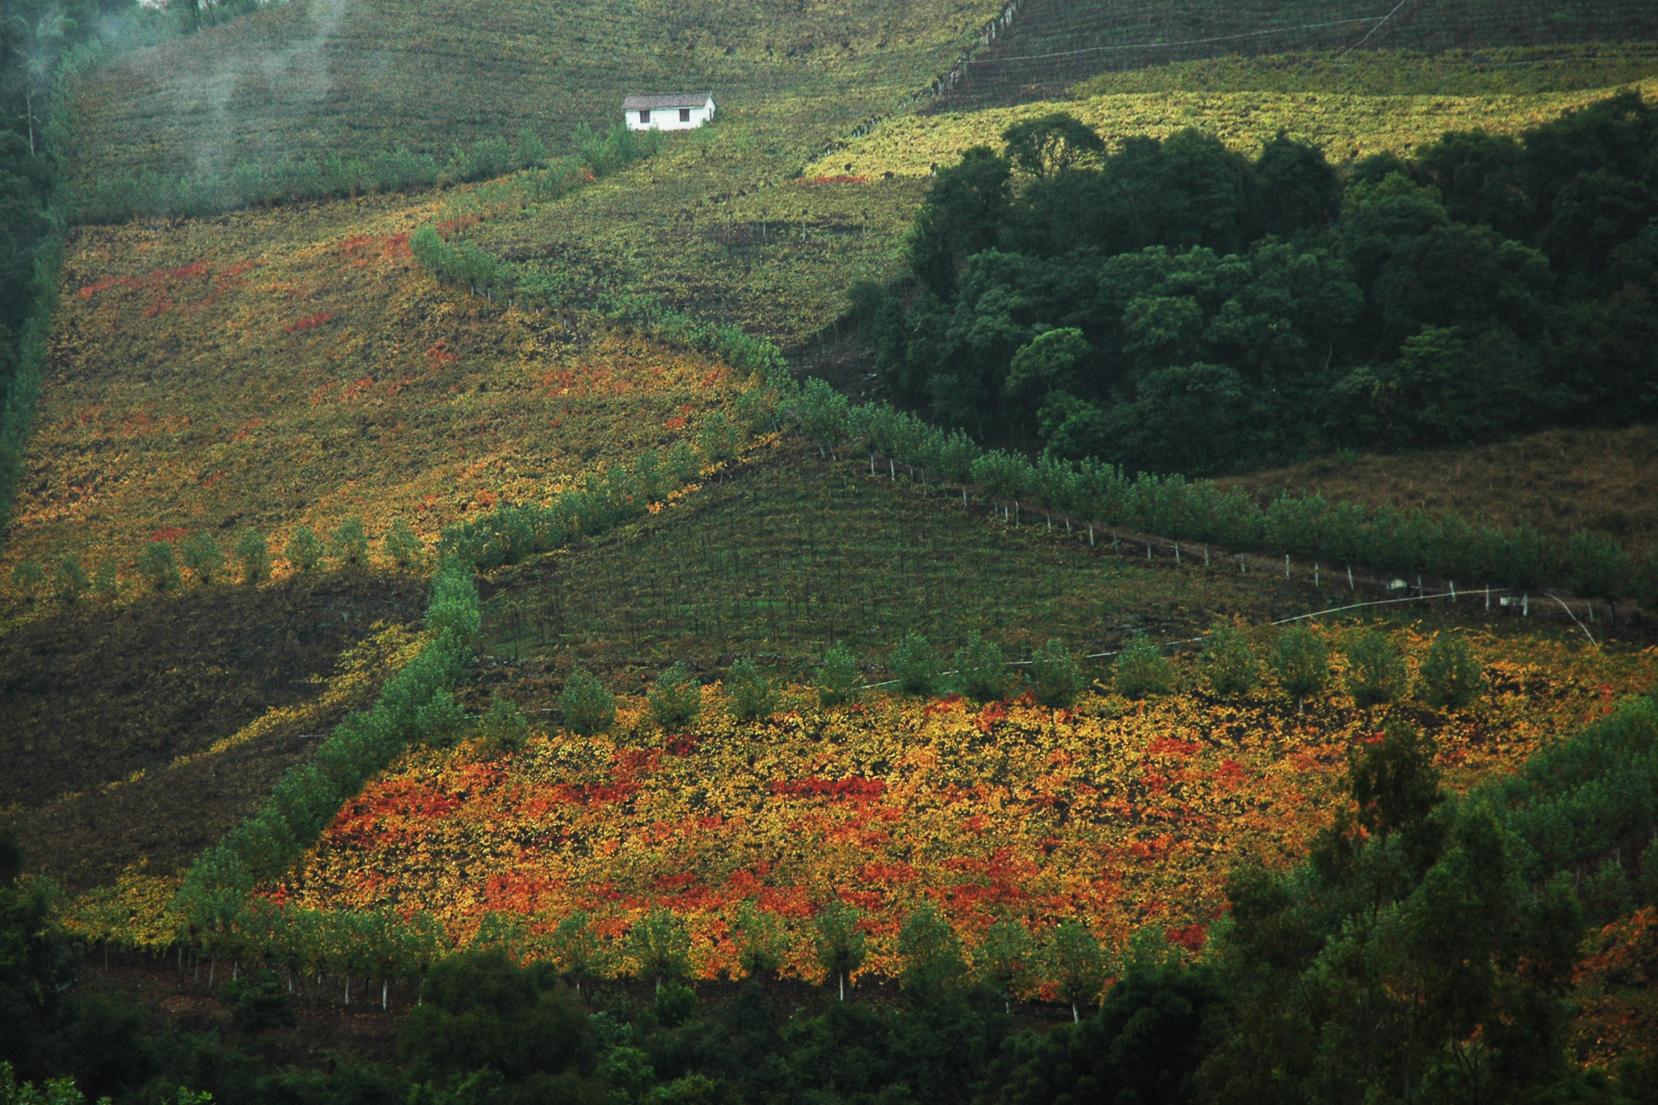 Vale dos Vinhedos em Bento Gonçalves, Rio Grande do Sul